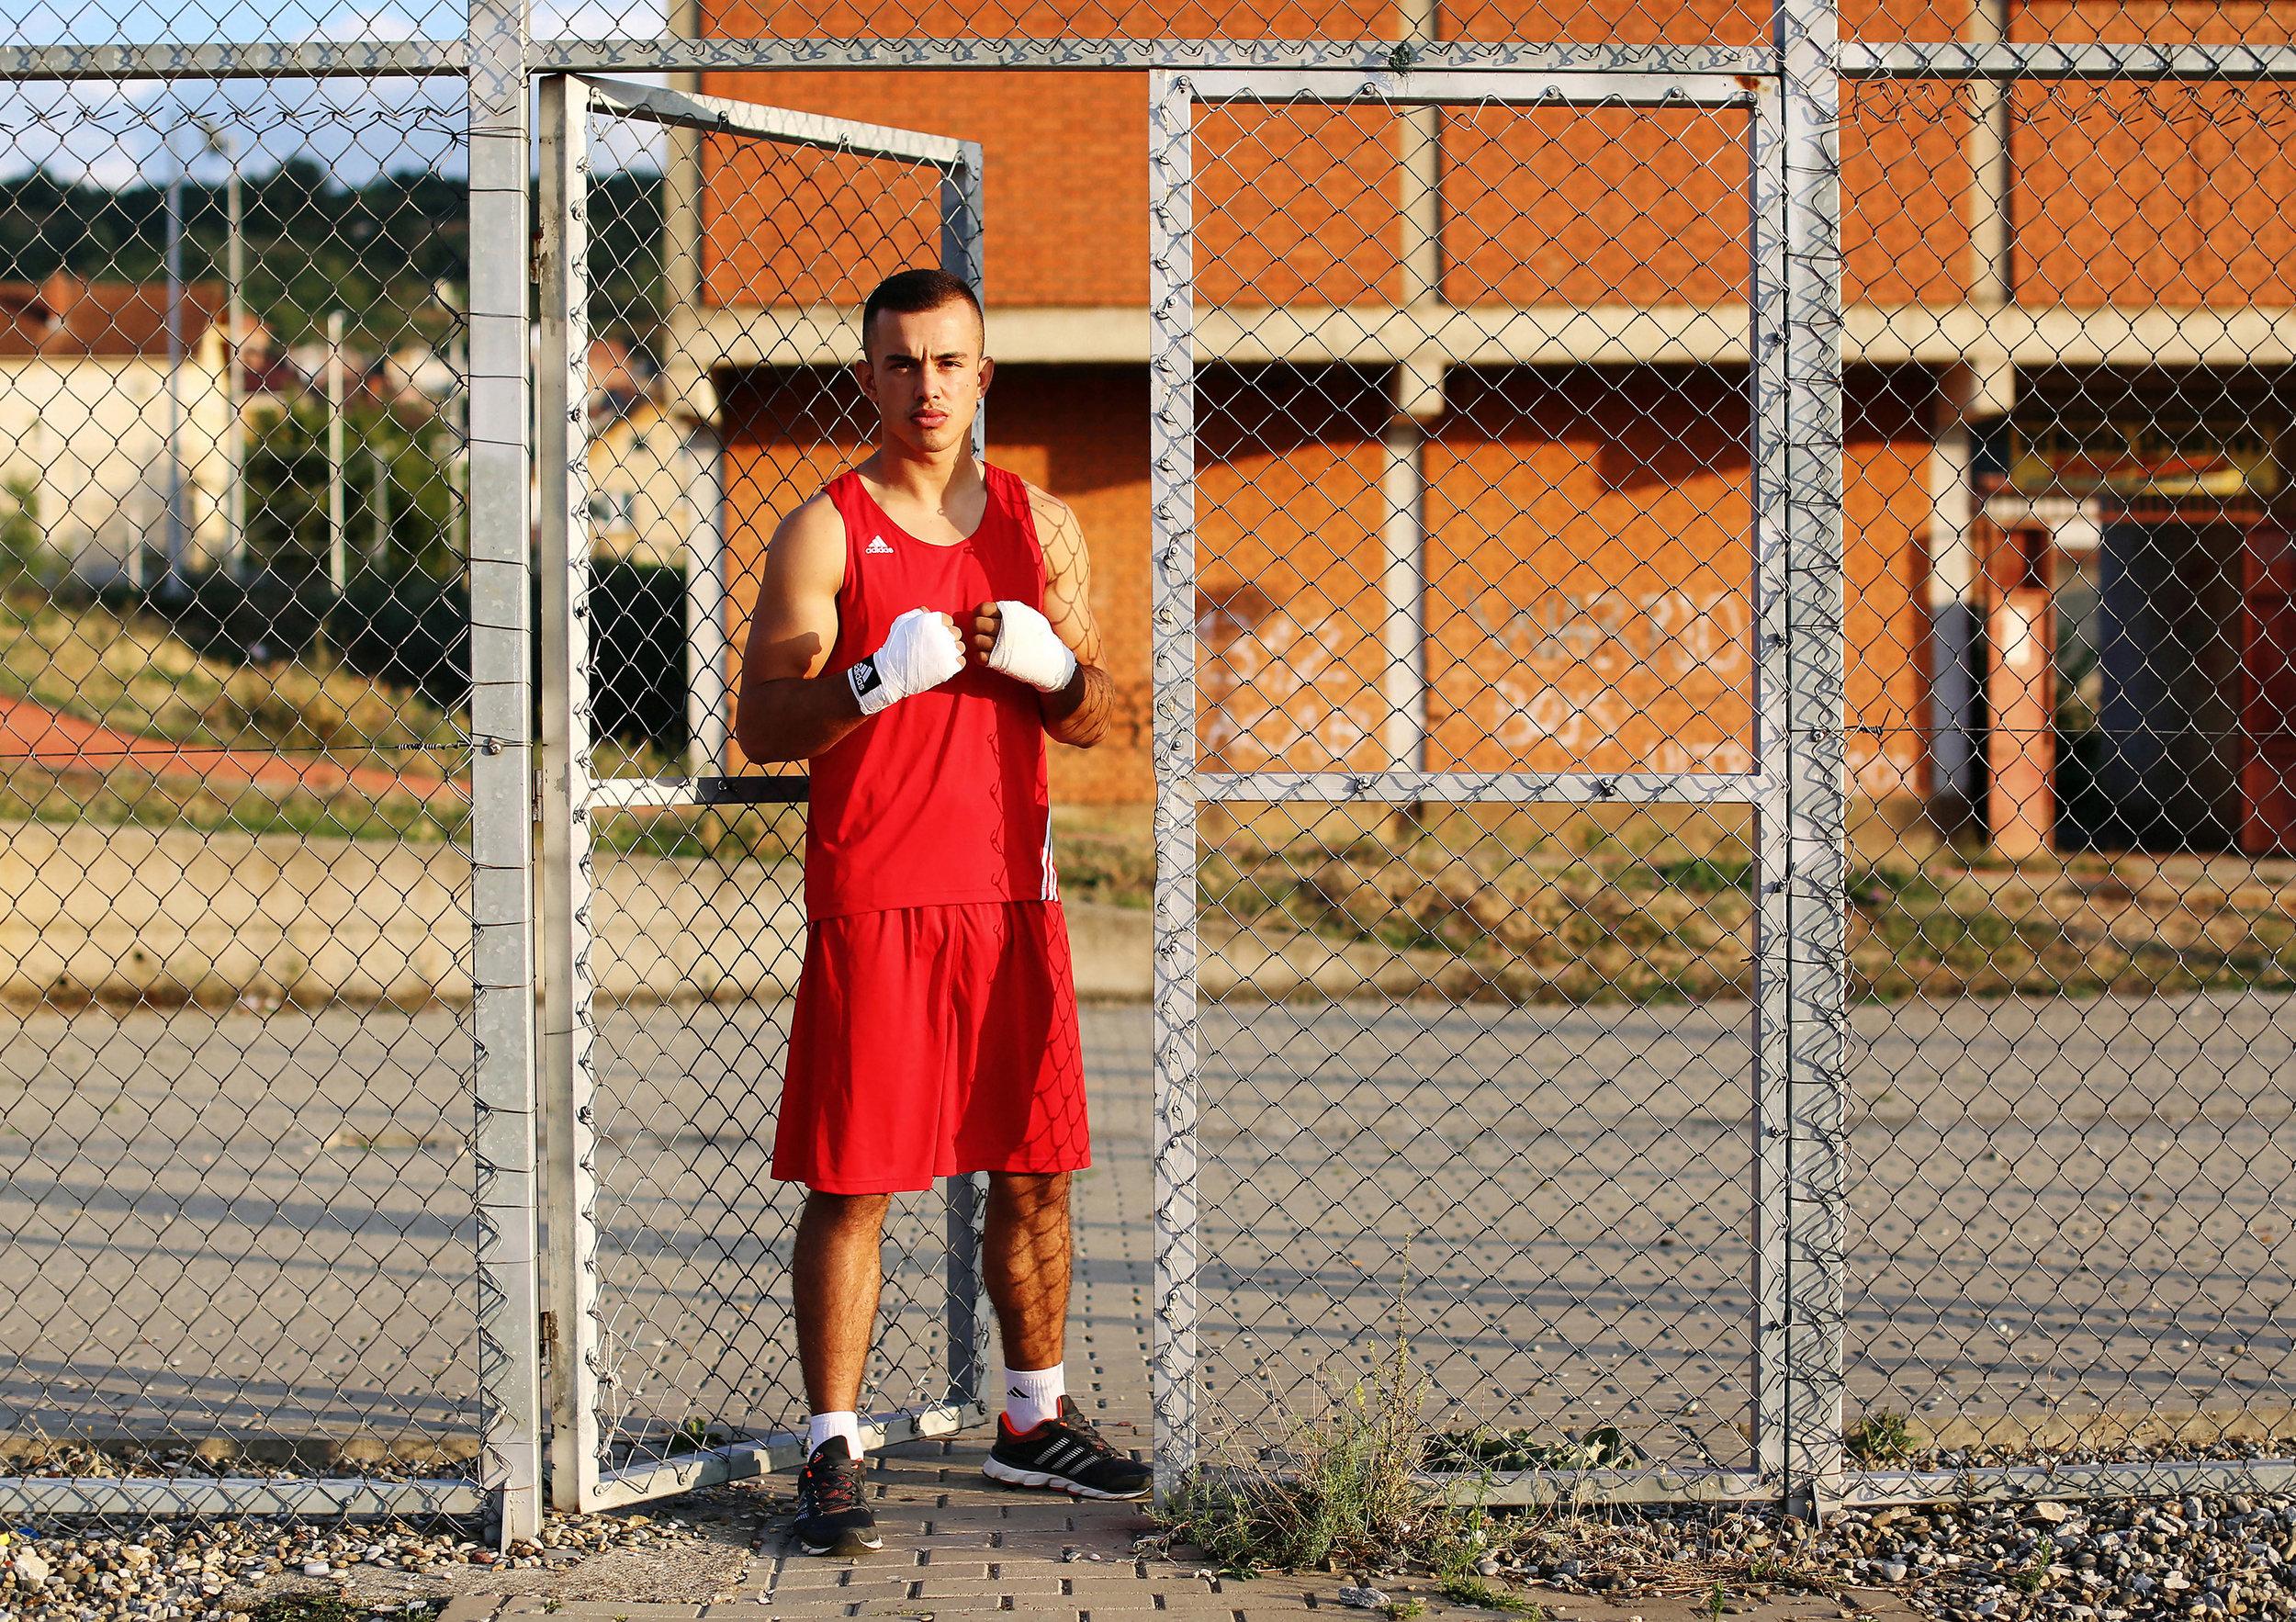 Stockdale_Kosovo_Boxing3.jpg